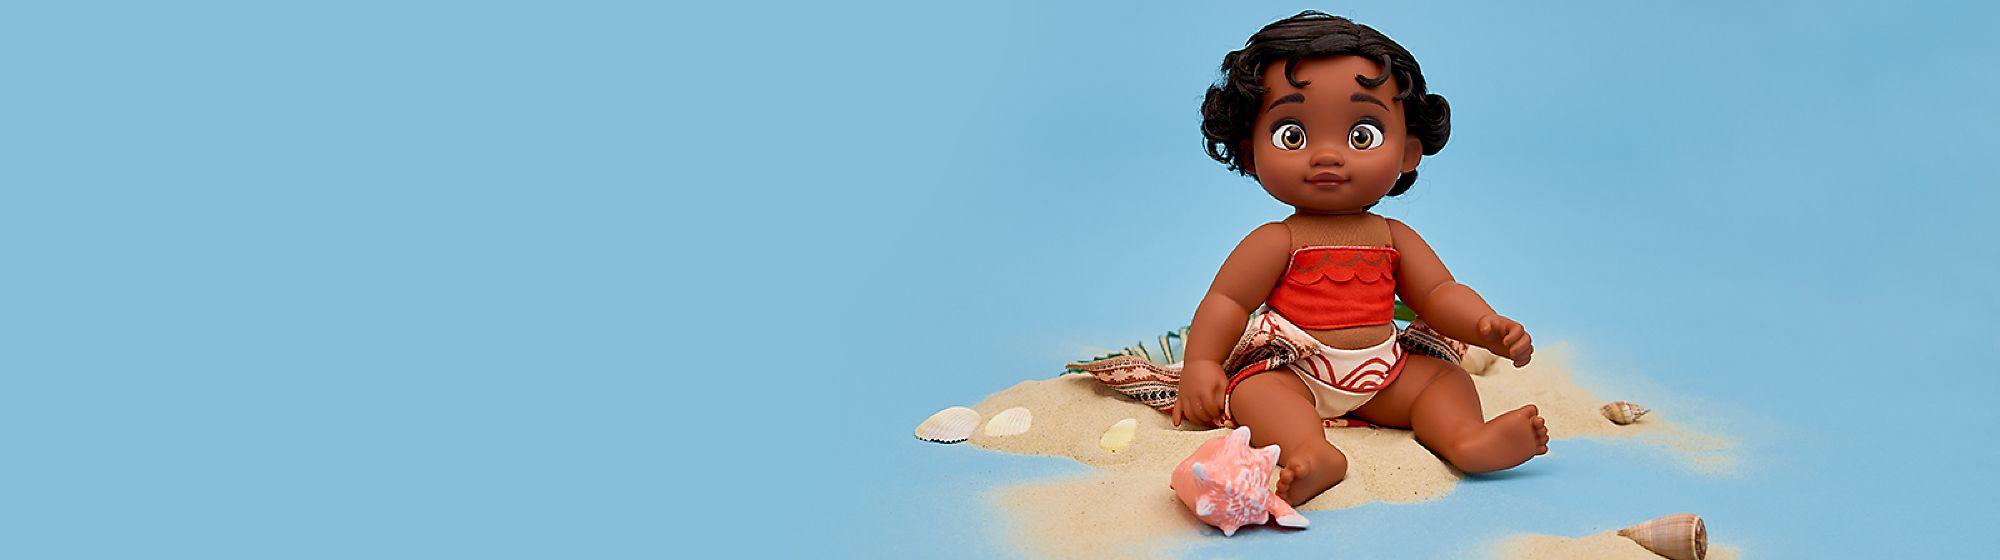 Muñecas Crea la mejor historia jugando con las muñecas de tus personajes favoritos. Descubre la tuya, y ¡diviértete jugando!